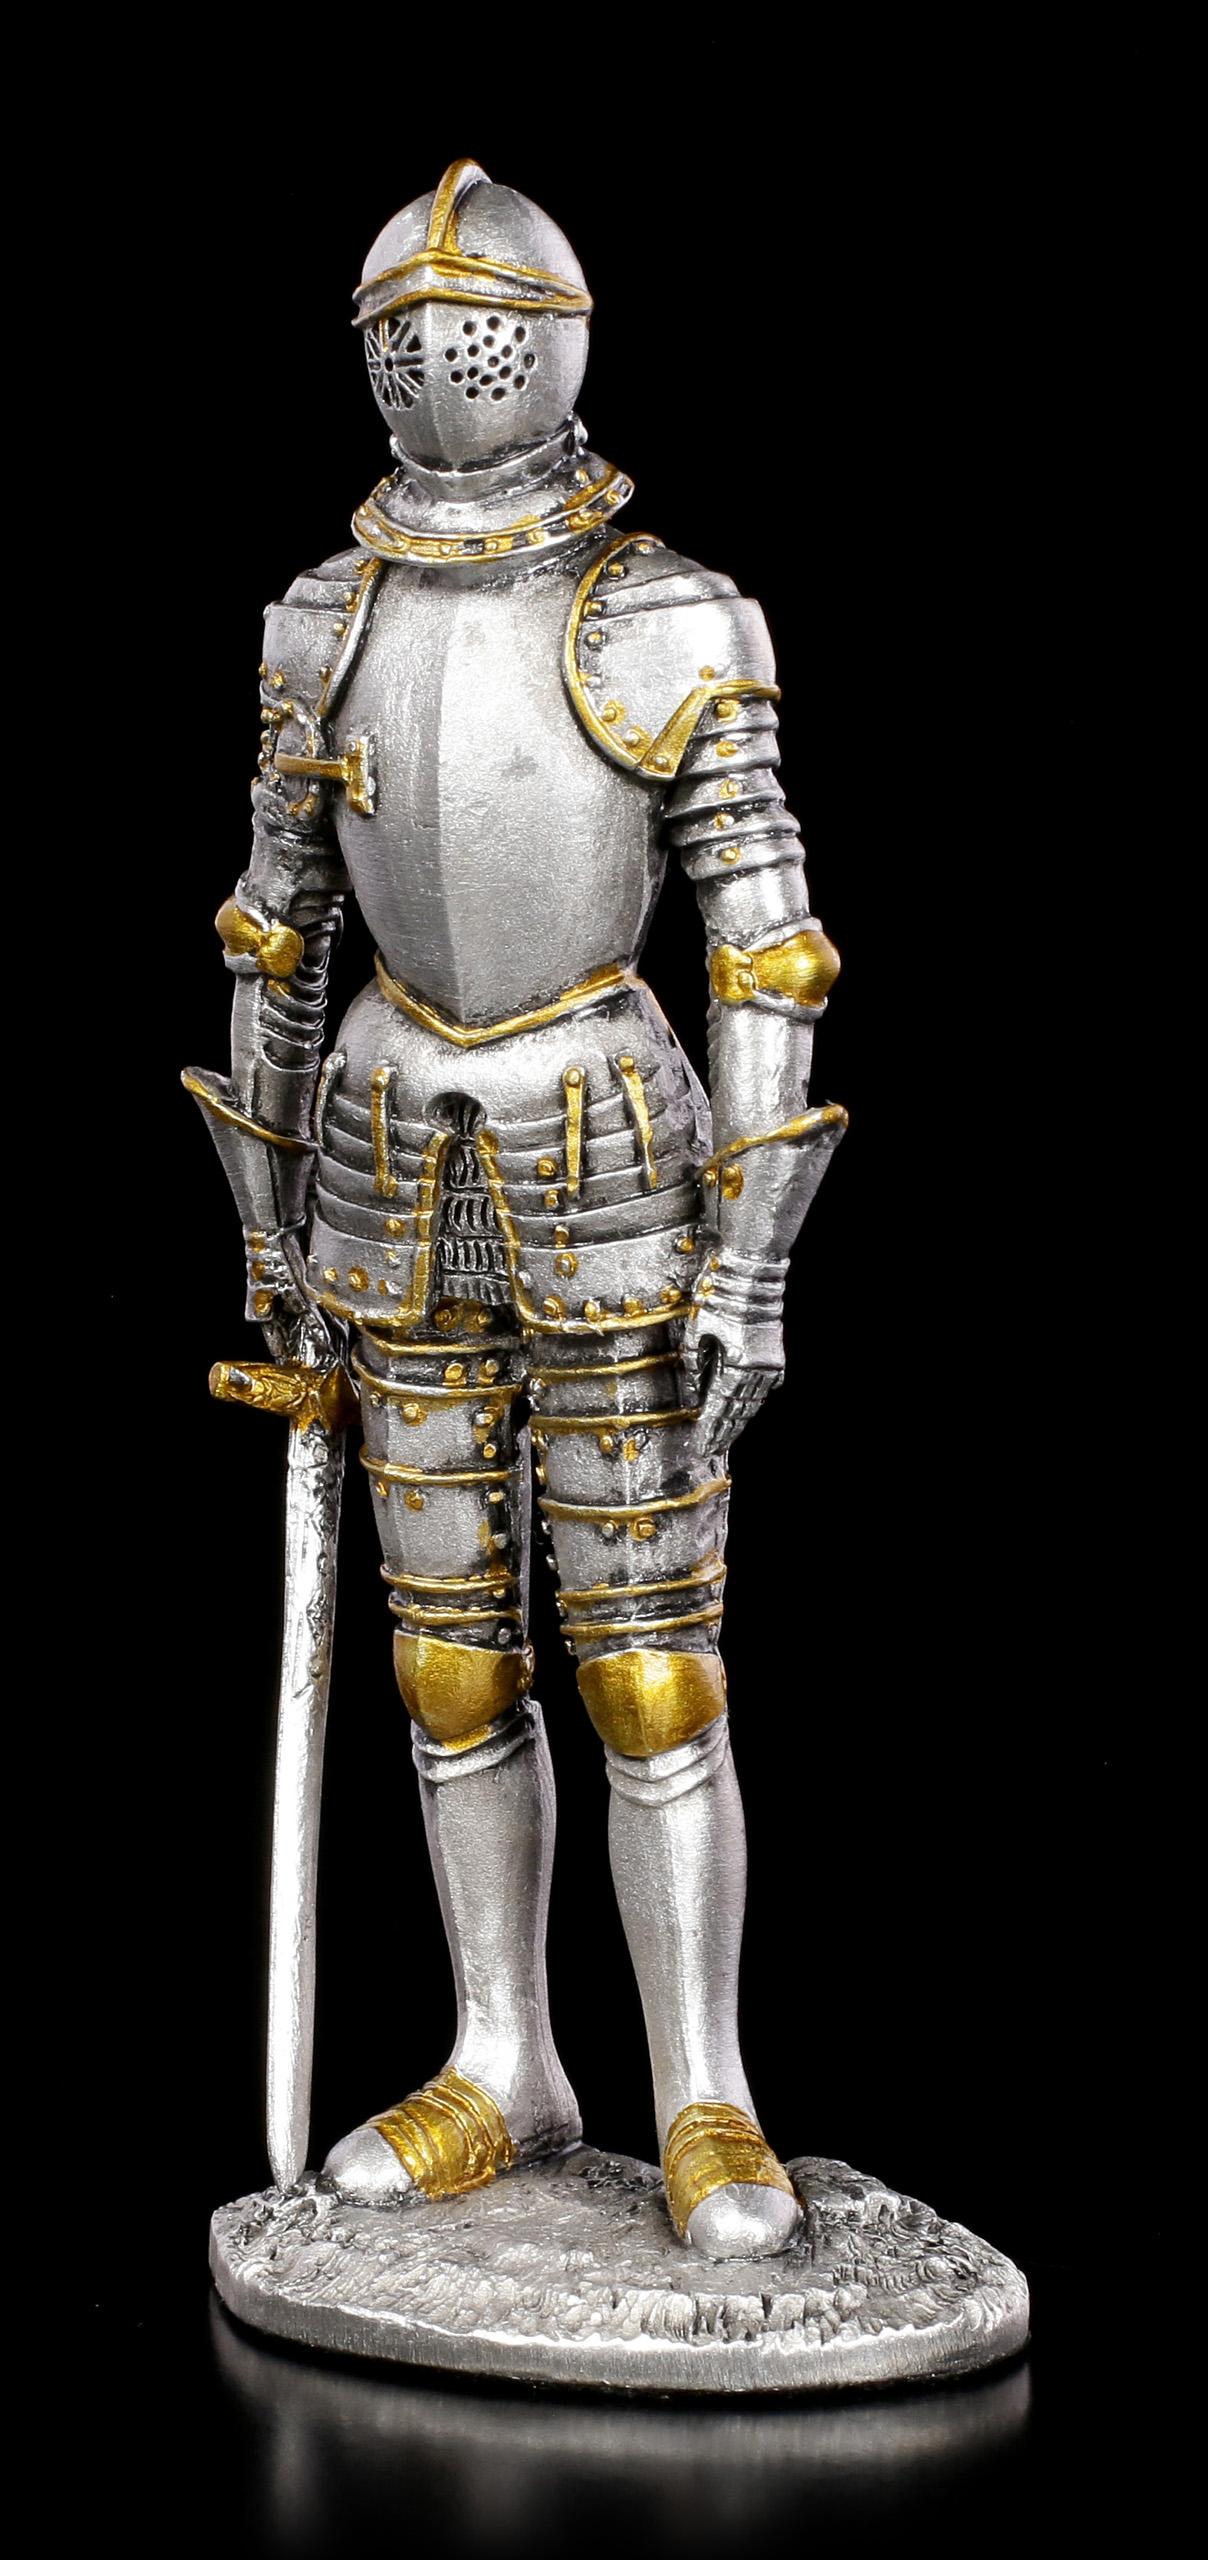 Zinn Ritter Figur Mit Schwert VII By Veronese Www